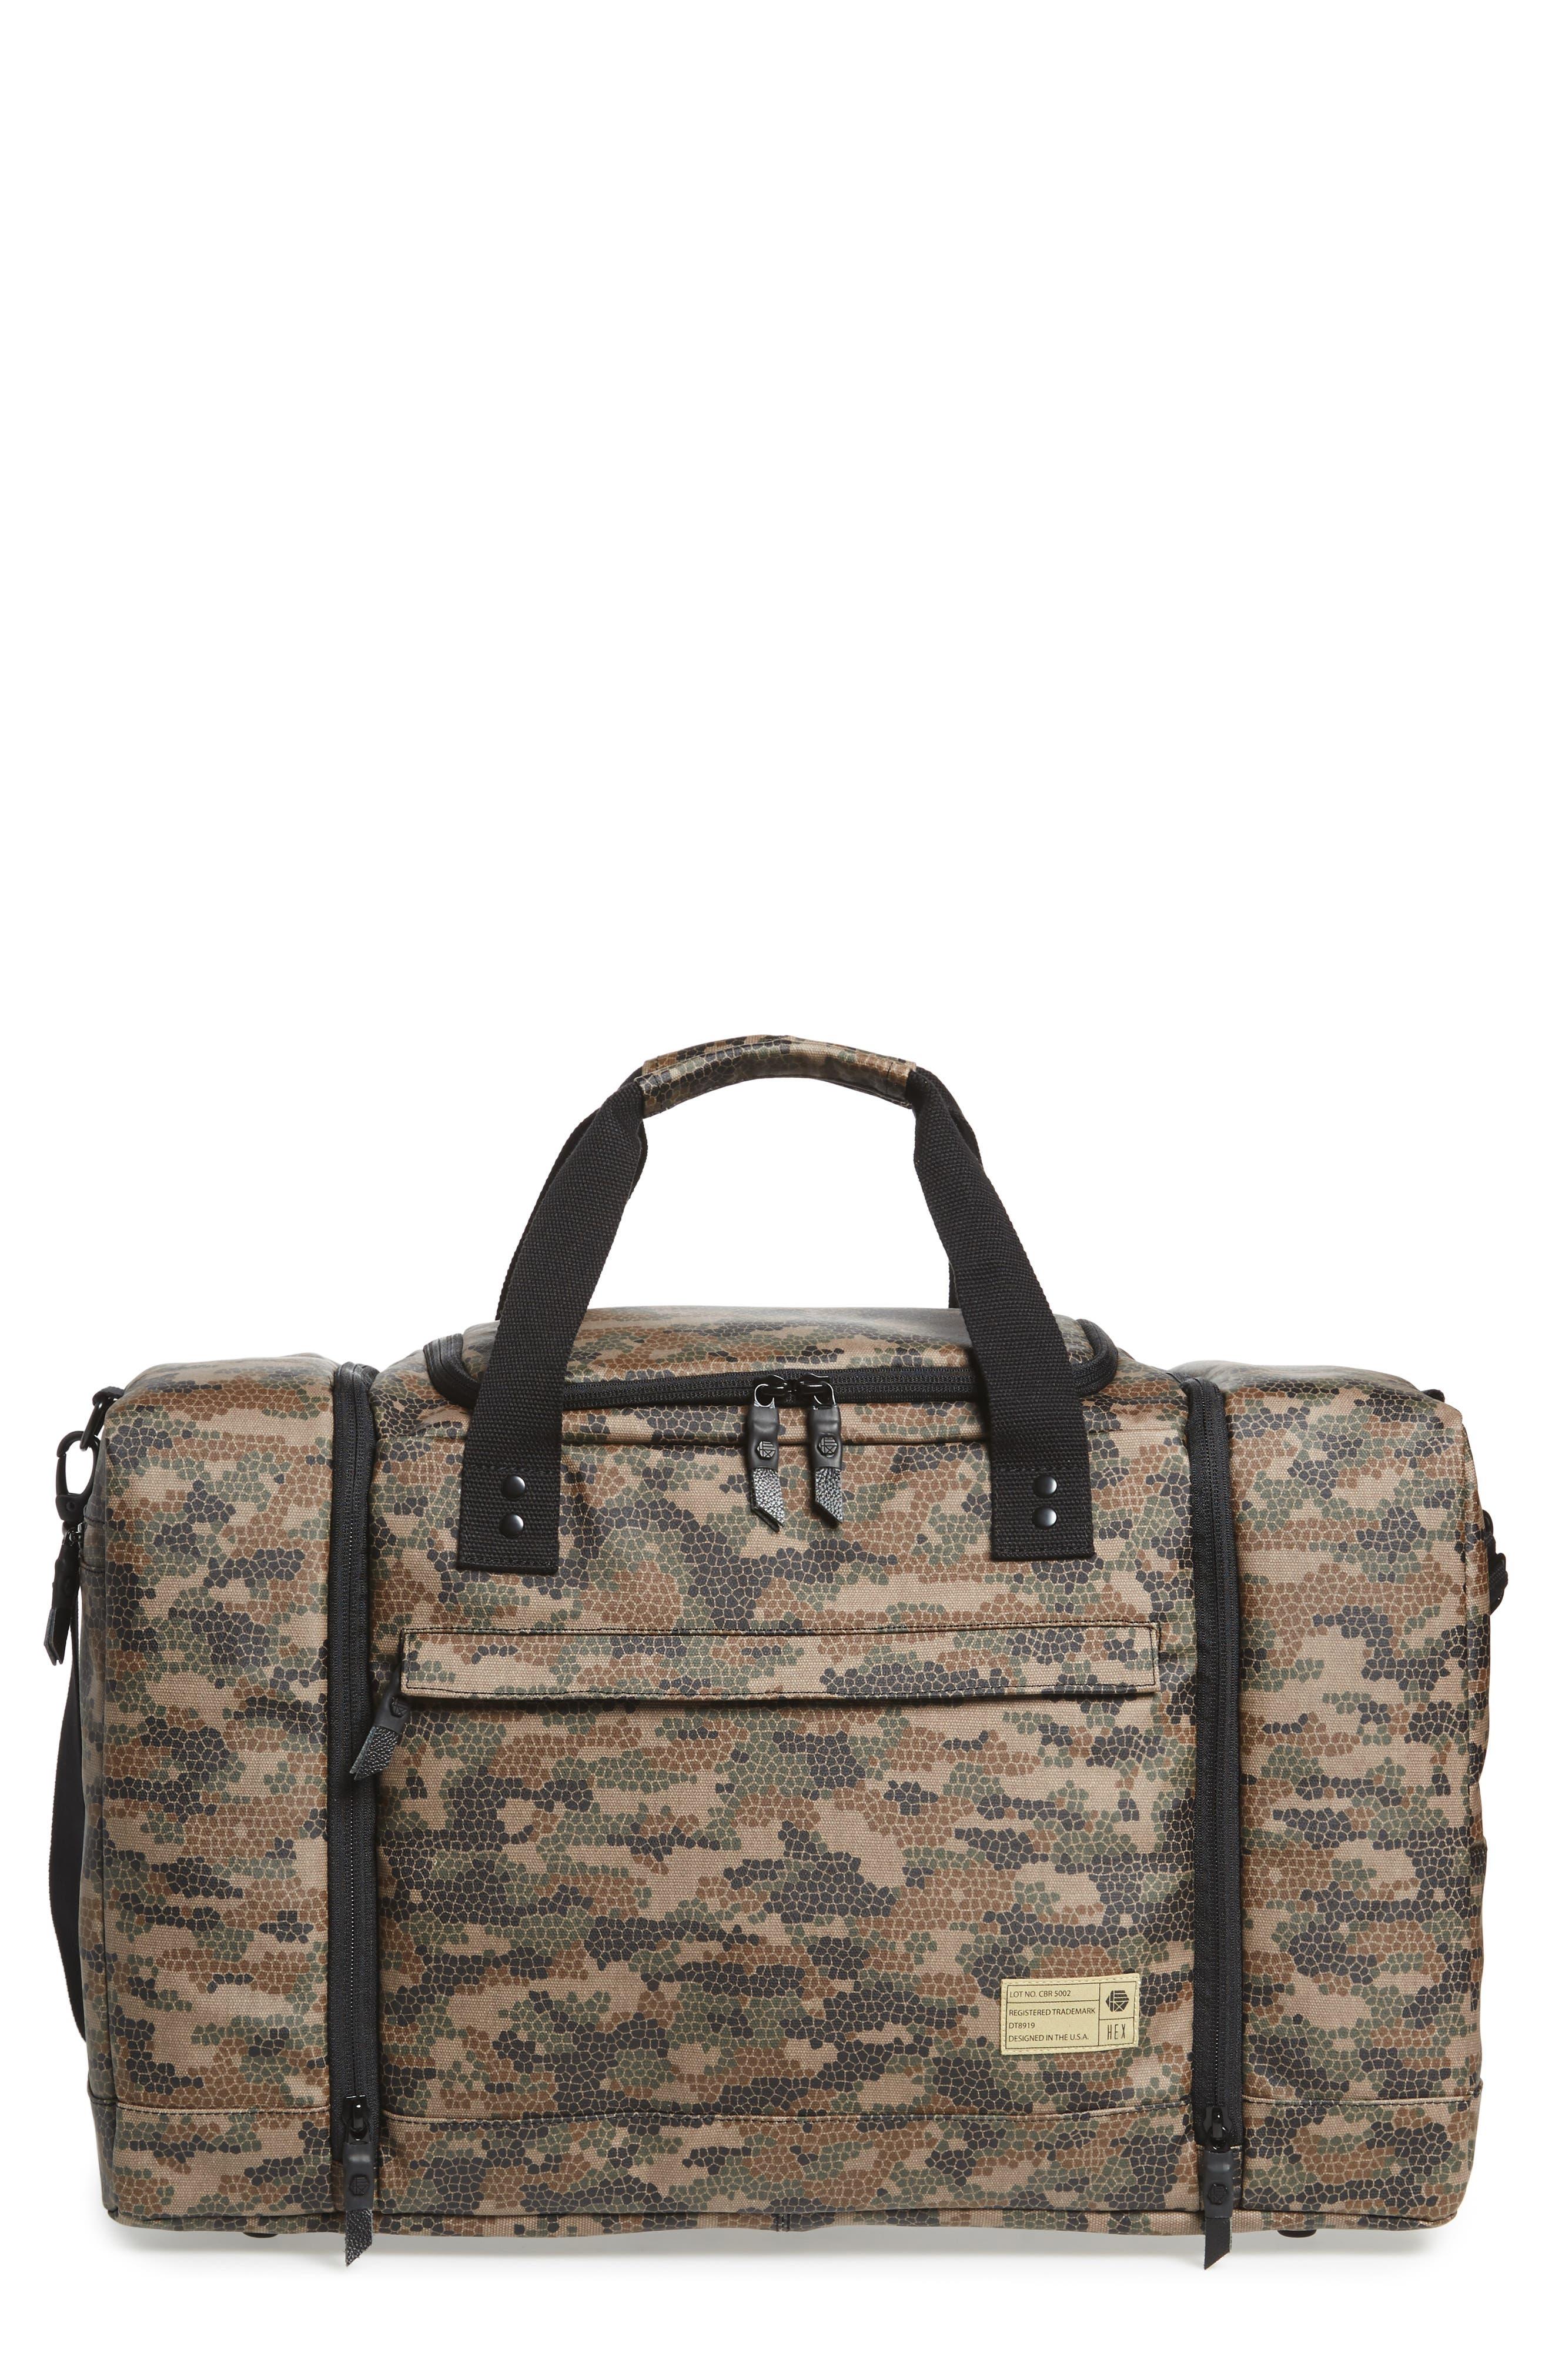 HEX Calibre Sneaker Duffel Bag